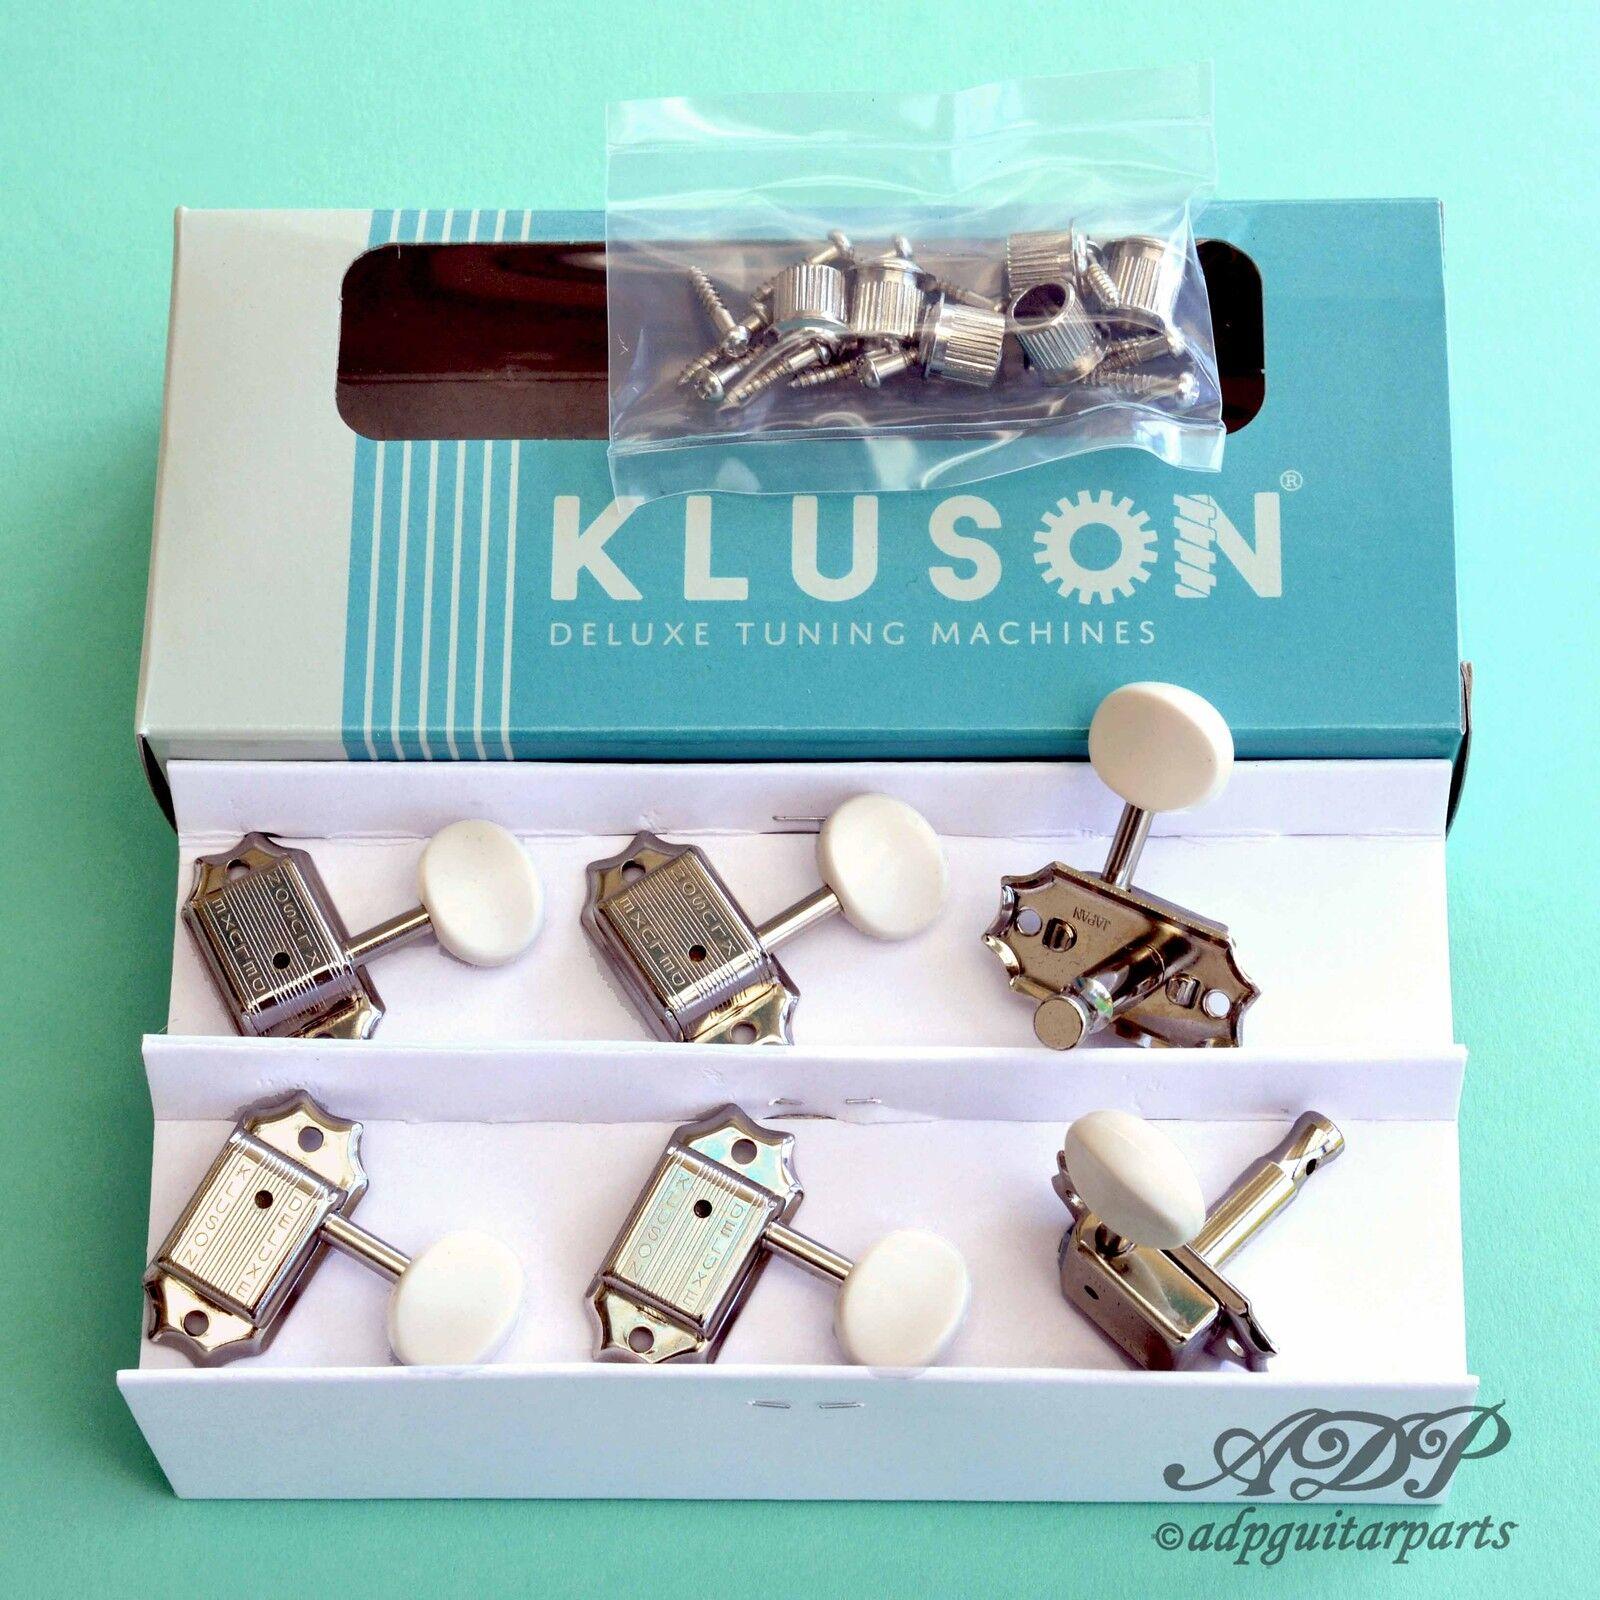 100% di contro garanzia genuina Meccaniche Vintage Kluson Deluxe3x3 biancaButton Gibson Junior Nichel Tuner Tuner Tuner M33JP  consegna e reso gratuiti